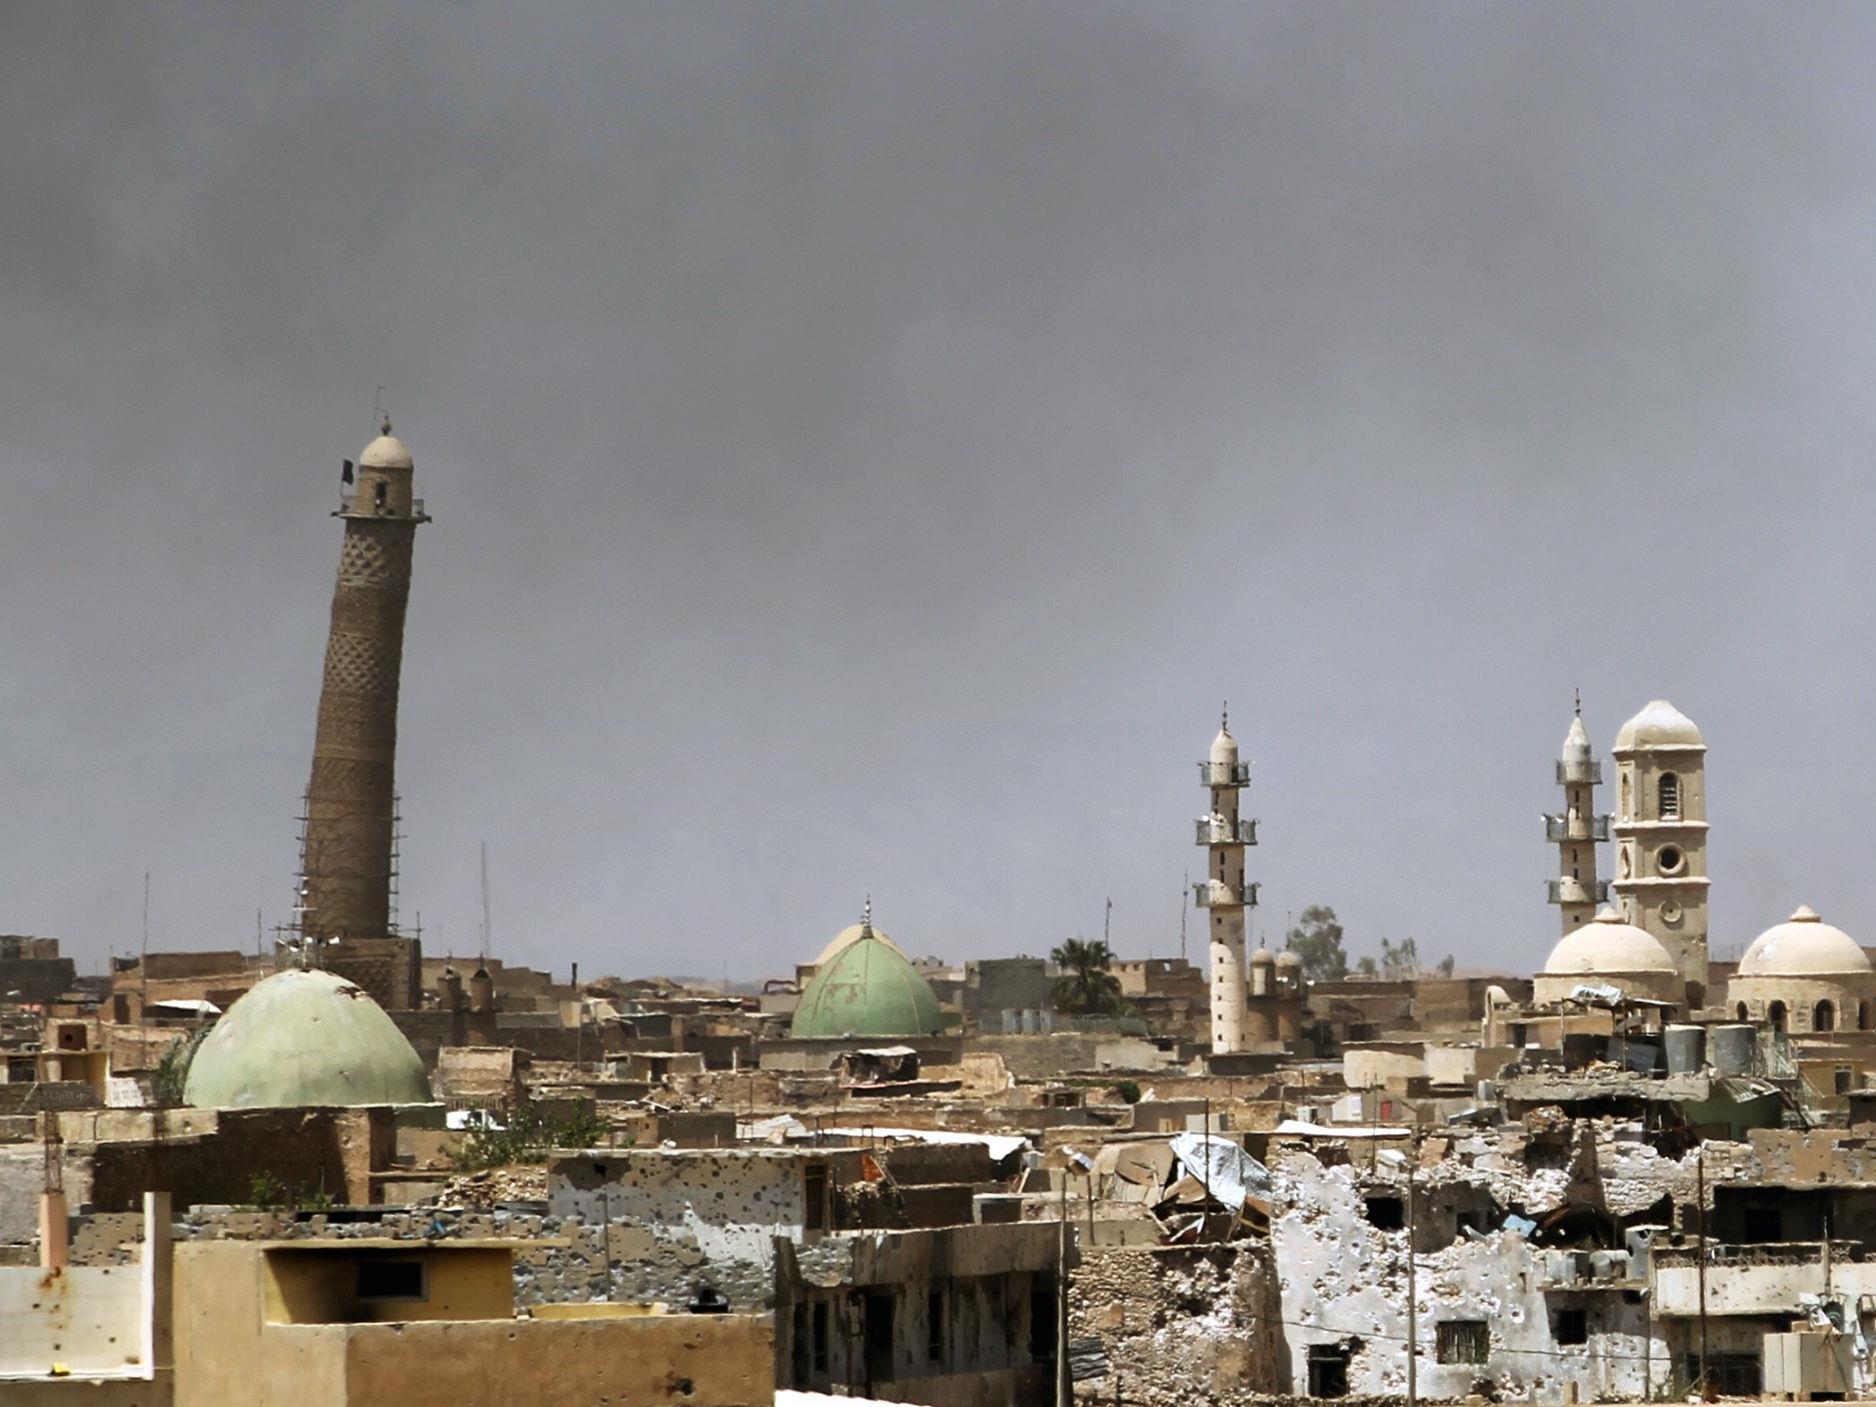 Die Terrormiliz Islamischer Staat (IS) hat am Mittwoch die Große Al-Nuri-Mosche in Mosul und ihr berühmtes Minarett gesprengt.